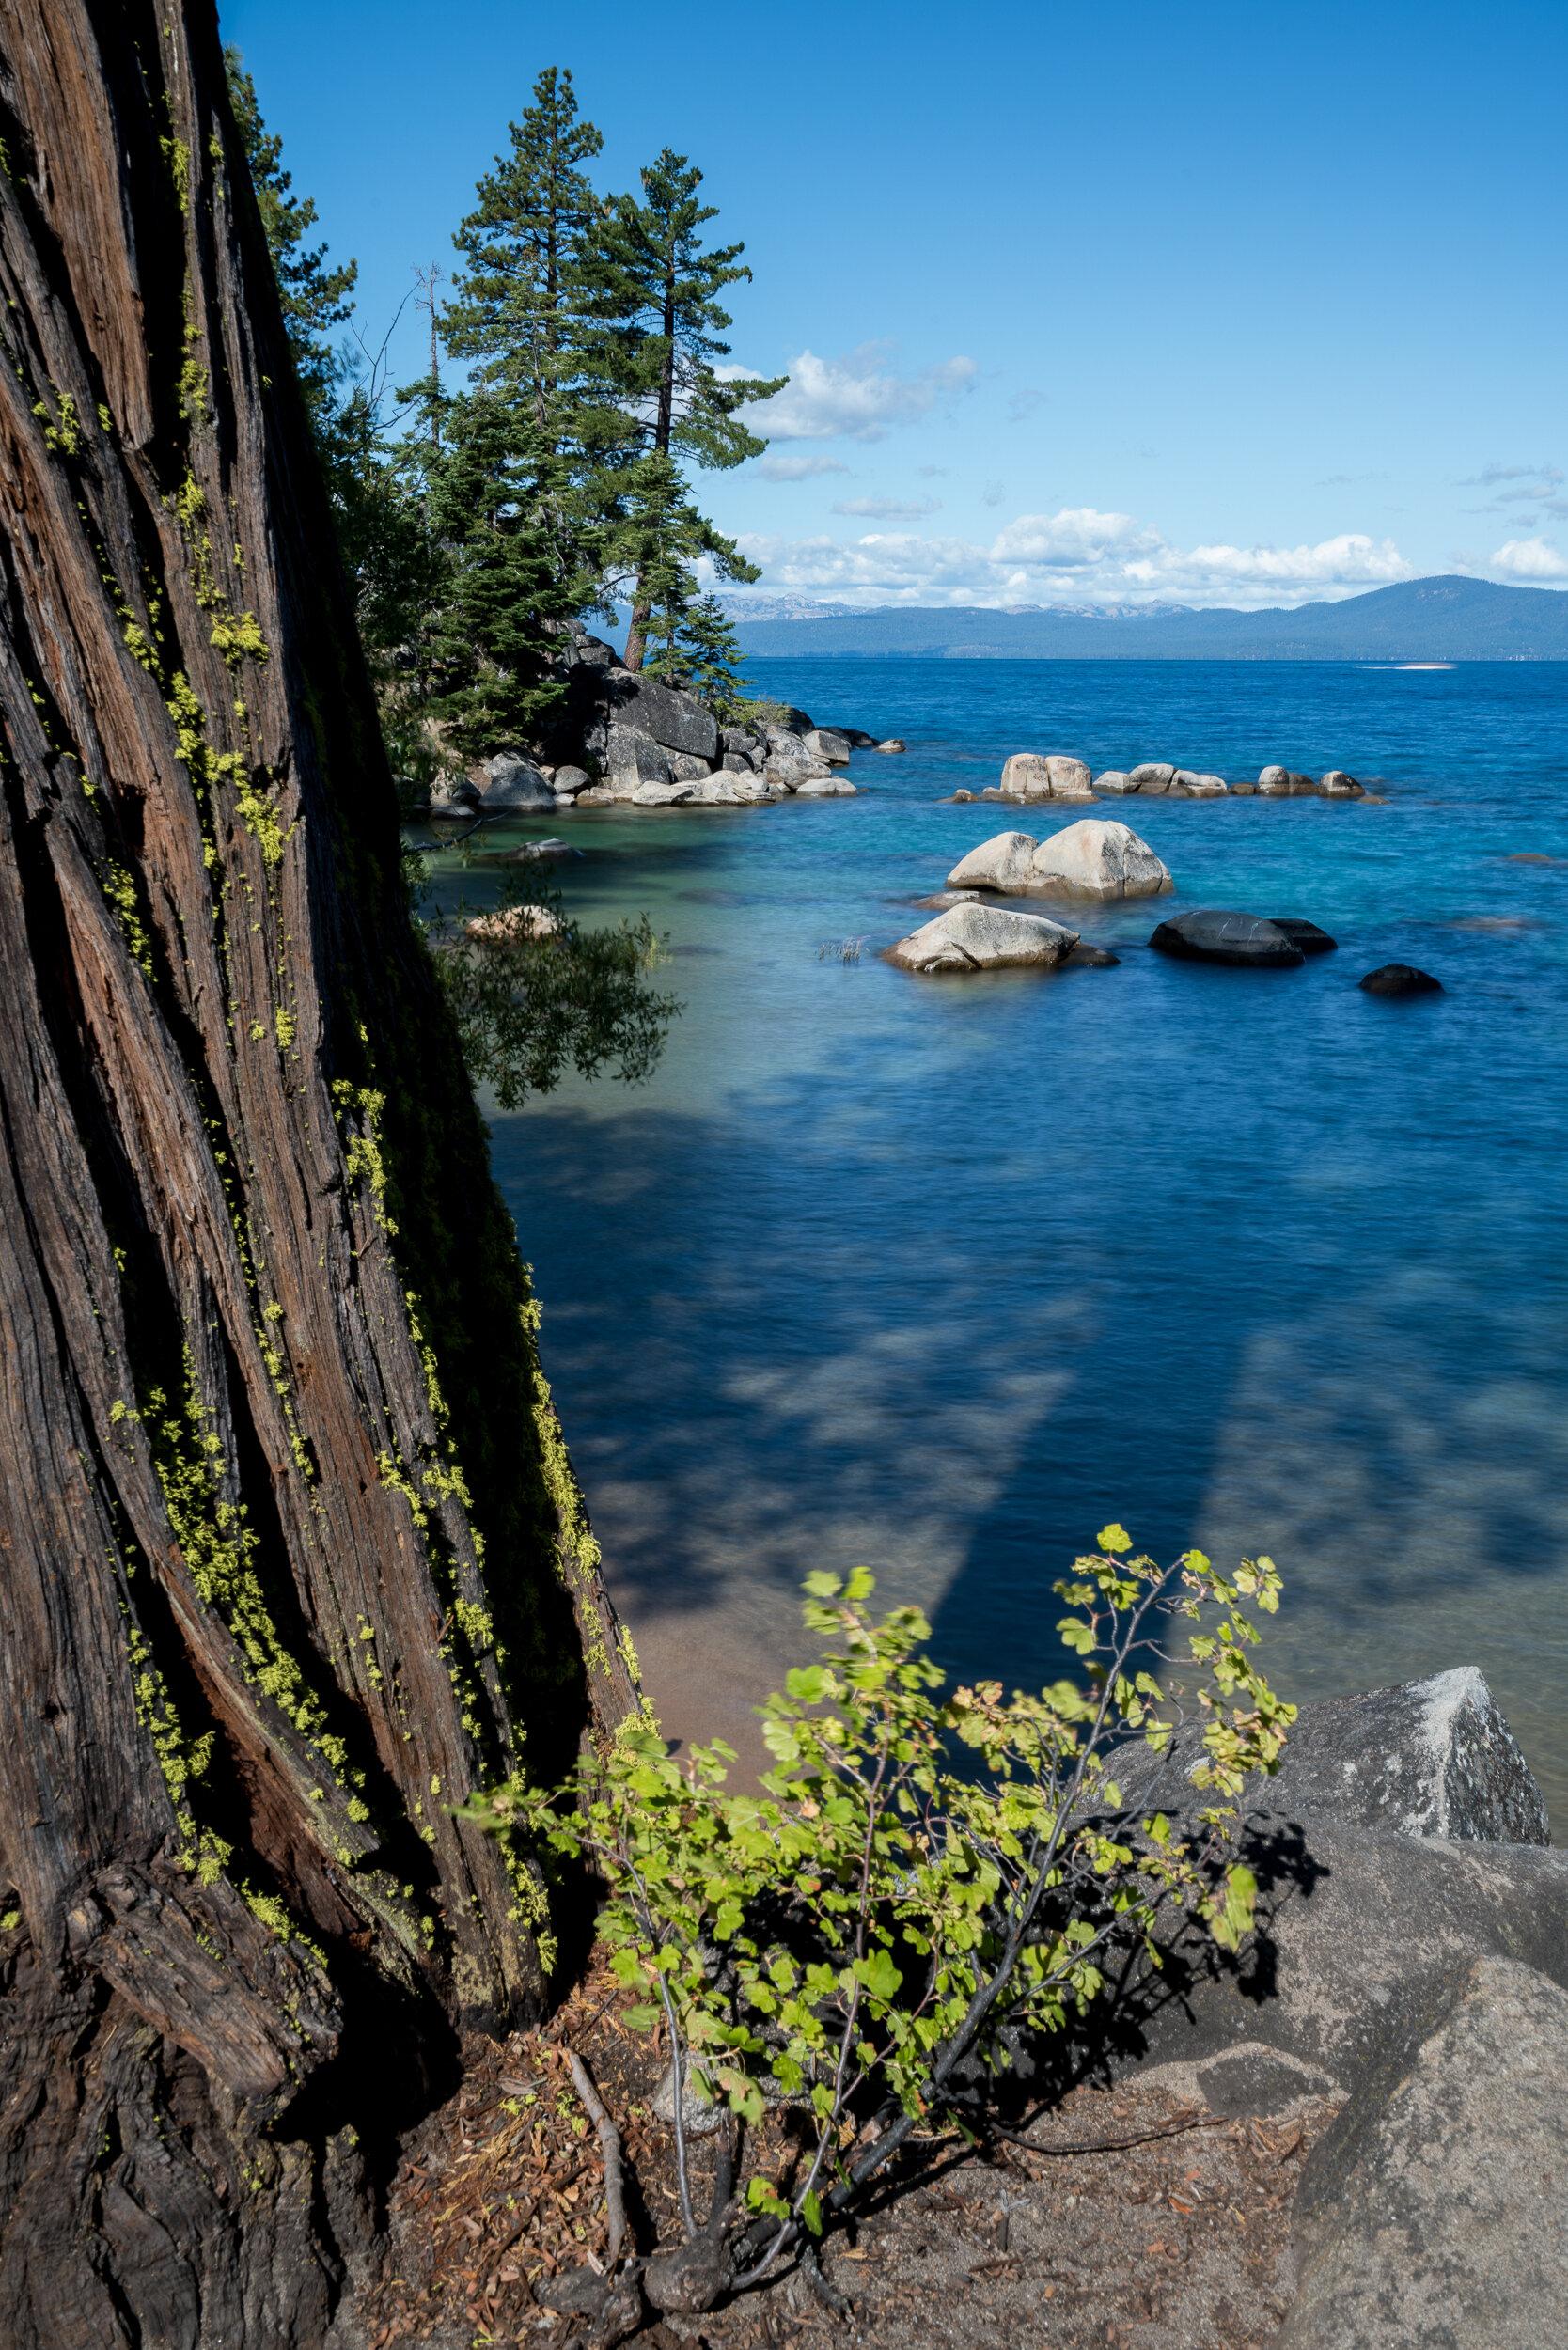 Skunk Harbor, Lake Tahoe